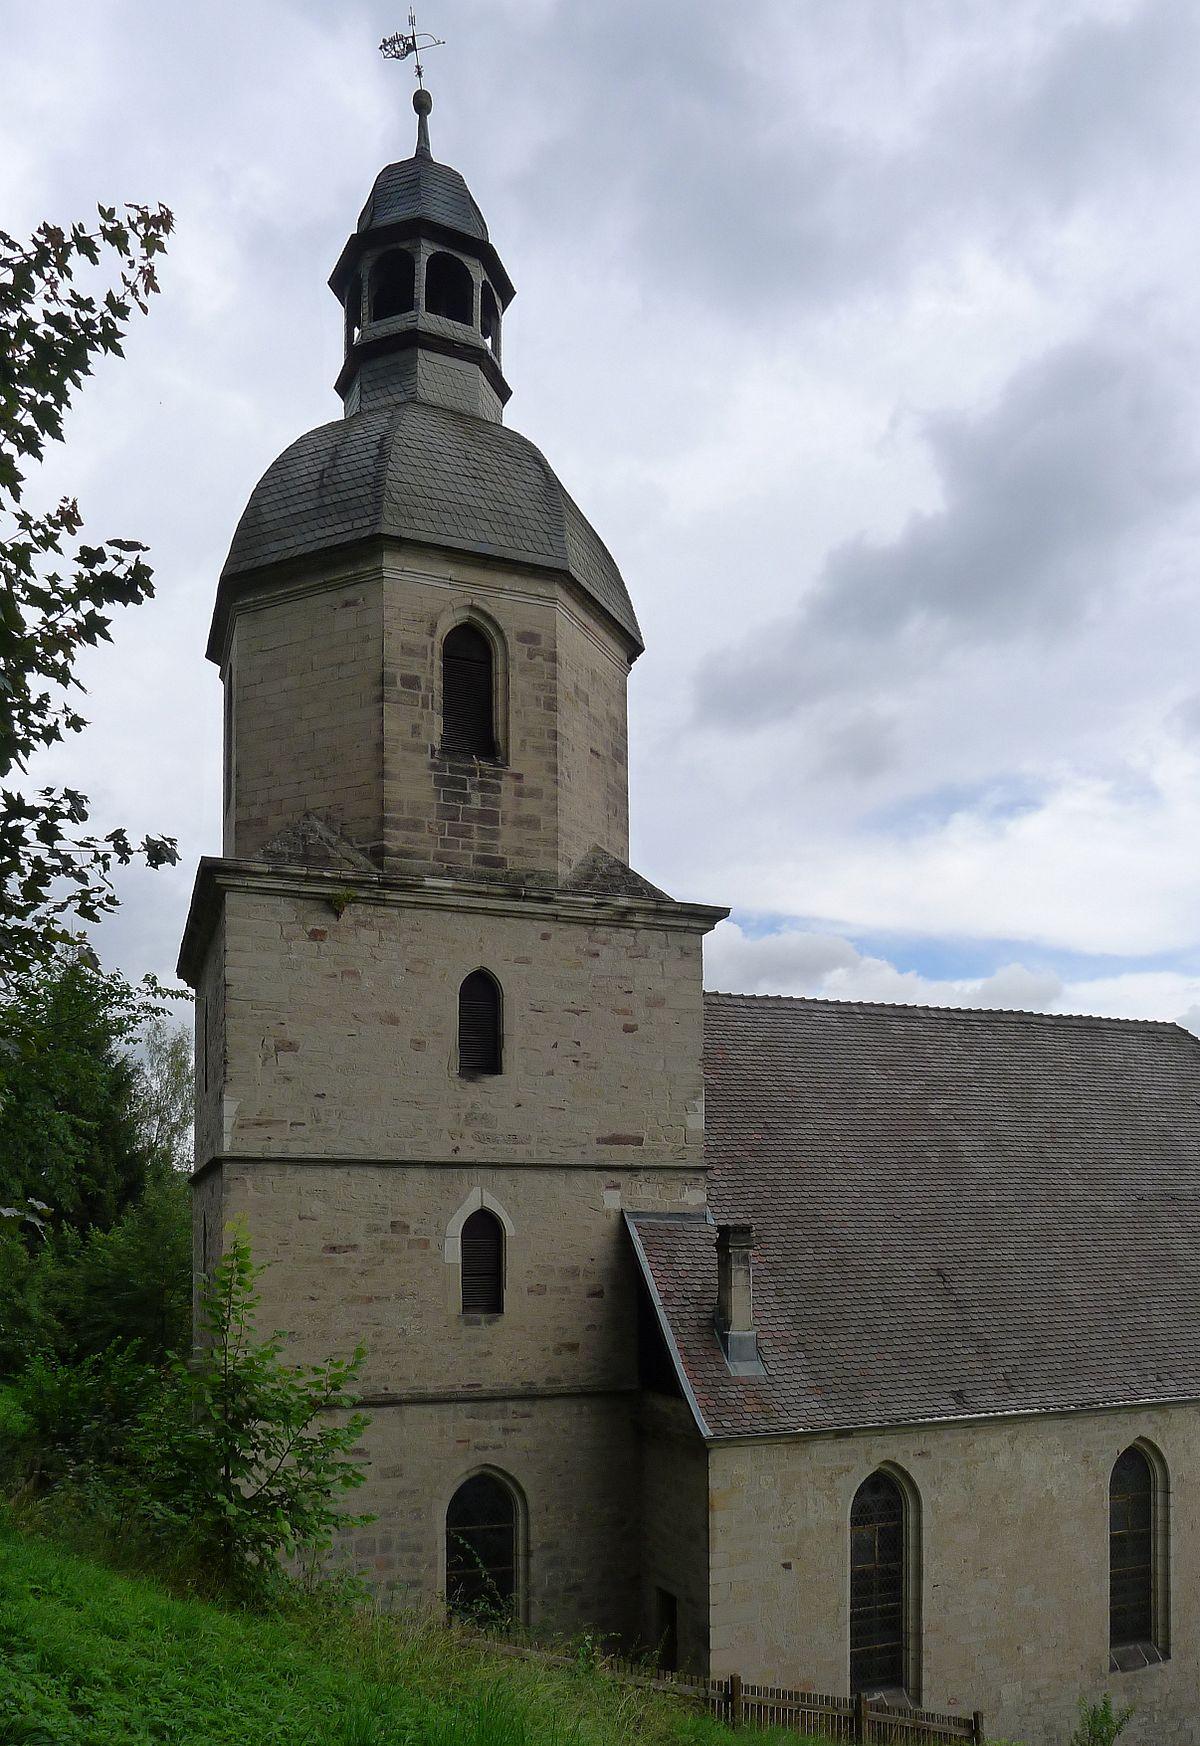 Zweistein Bad Sooden Allendorf